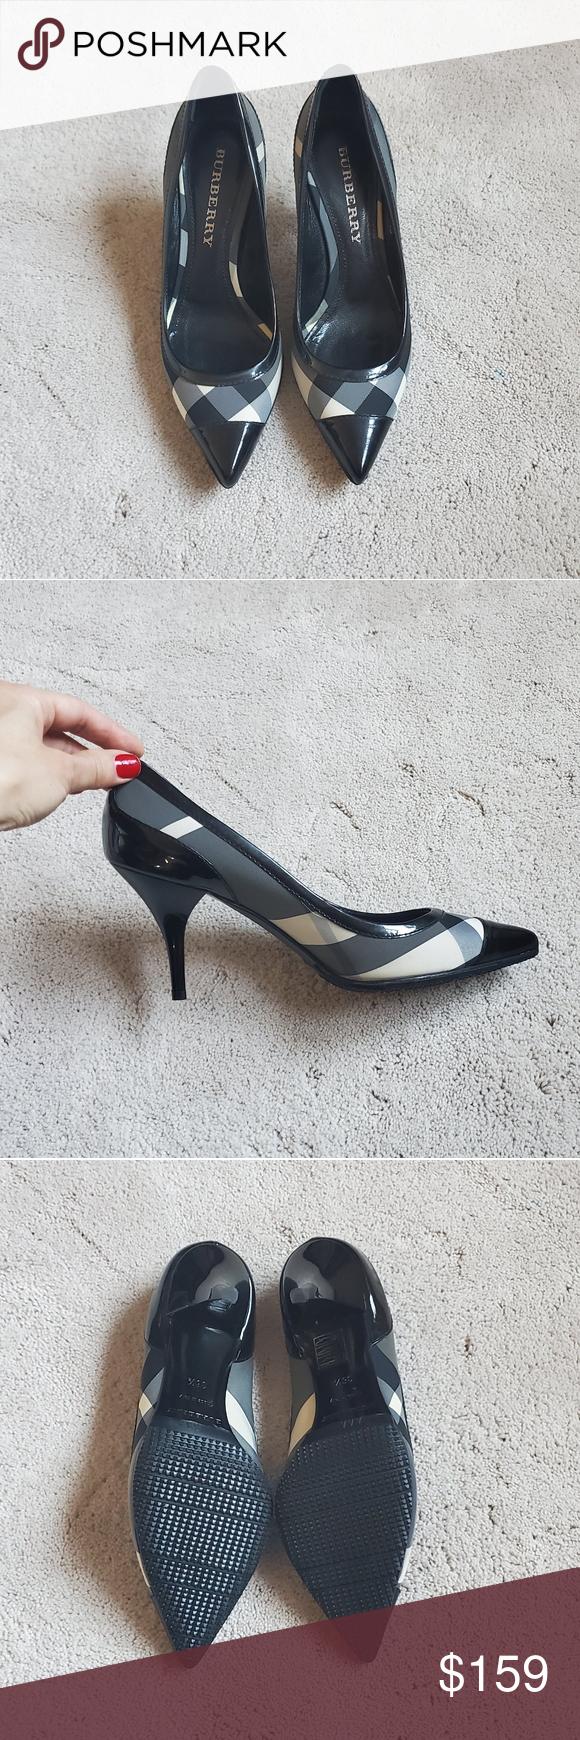 Burberry heels (US 6.5/Euro 36.5) in